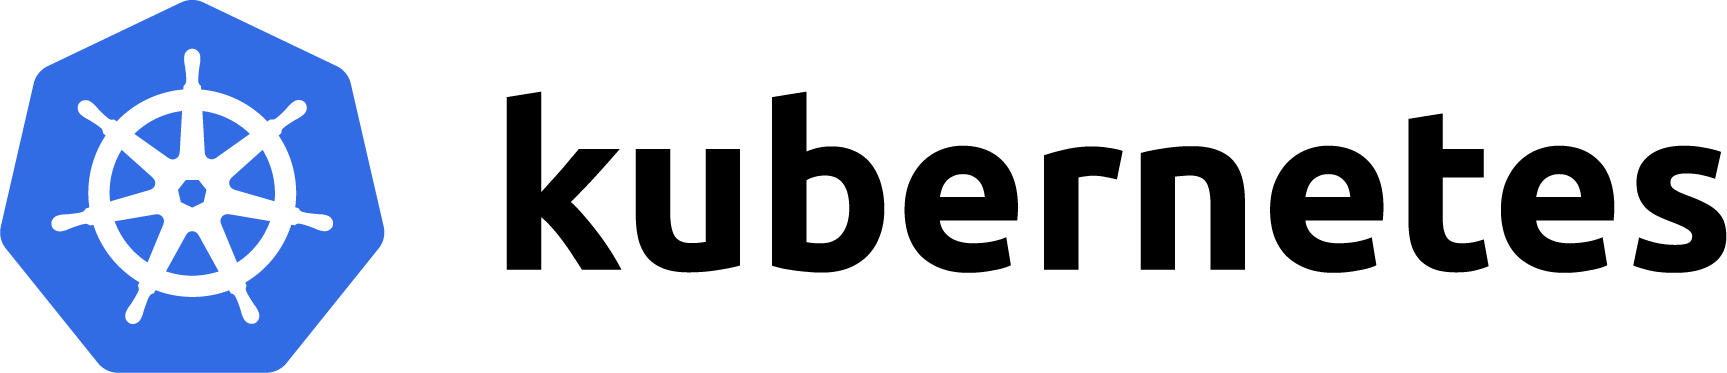 Kubernetes orkestratie-platform voor containers